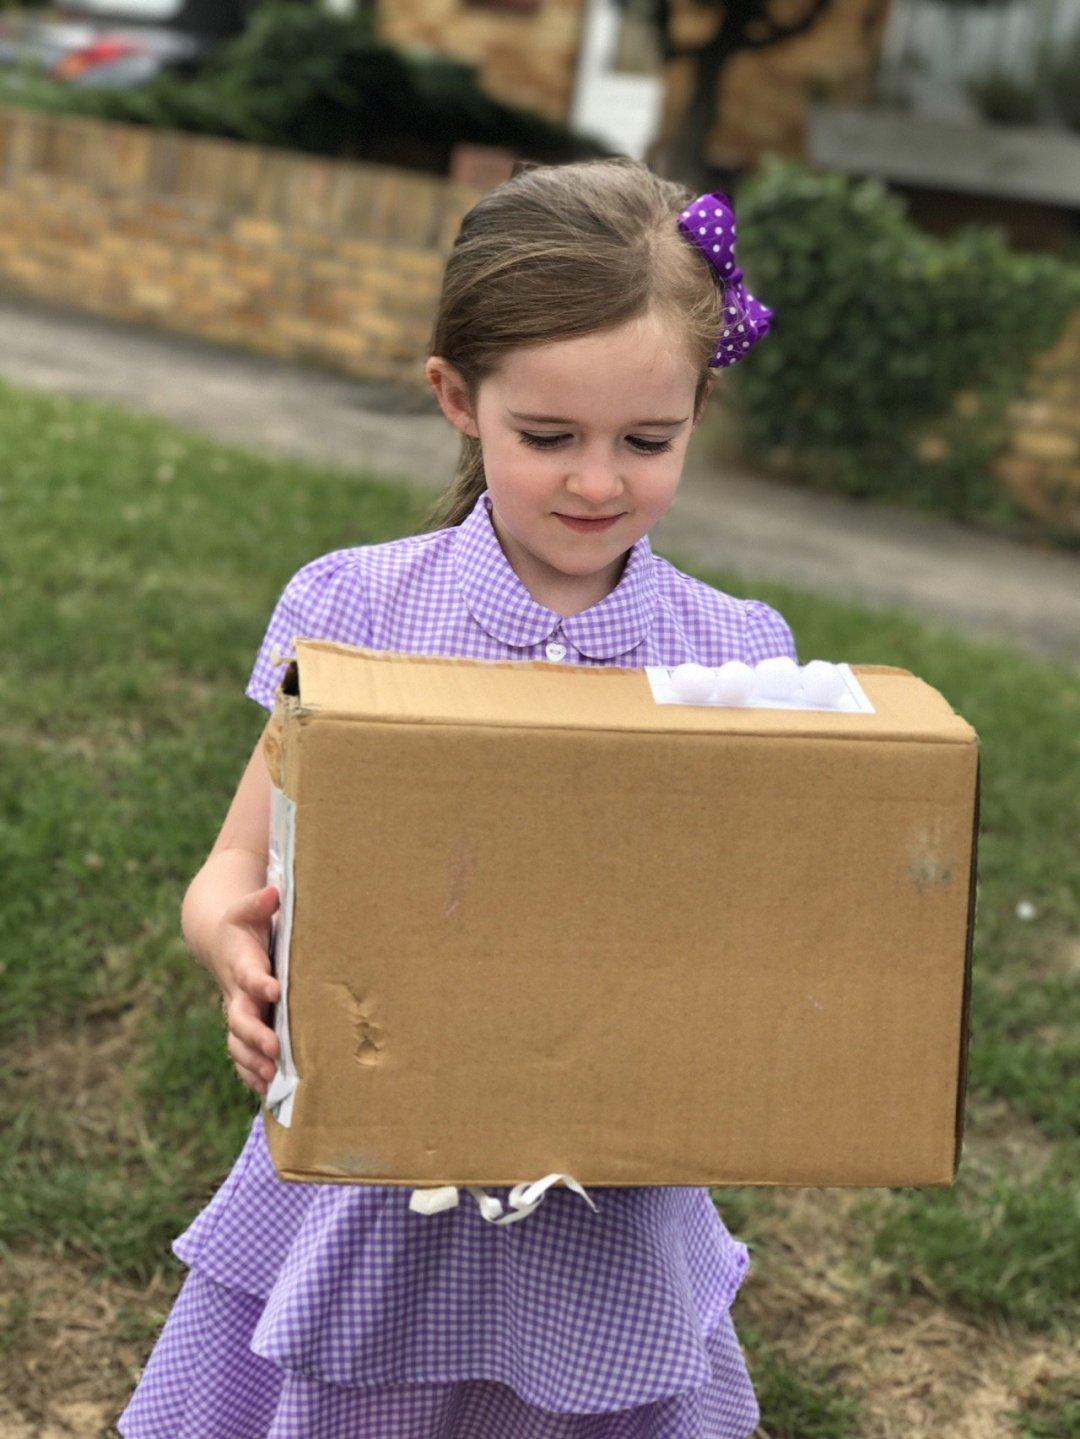 My little loves Eden's glitter box